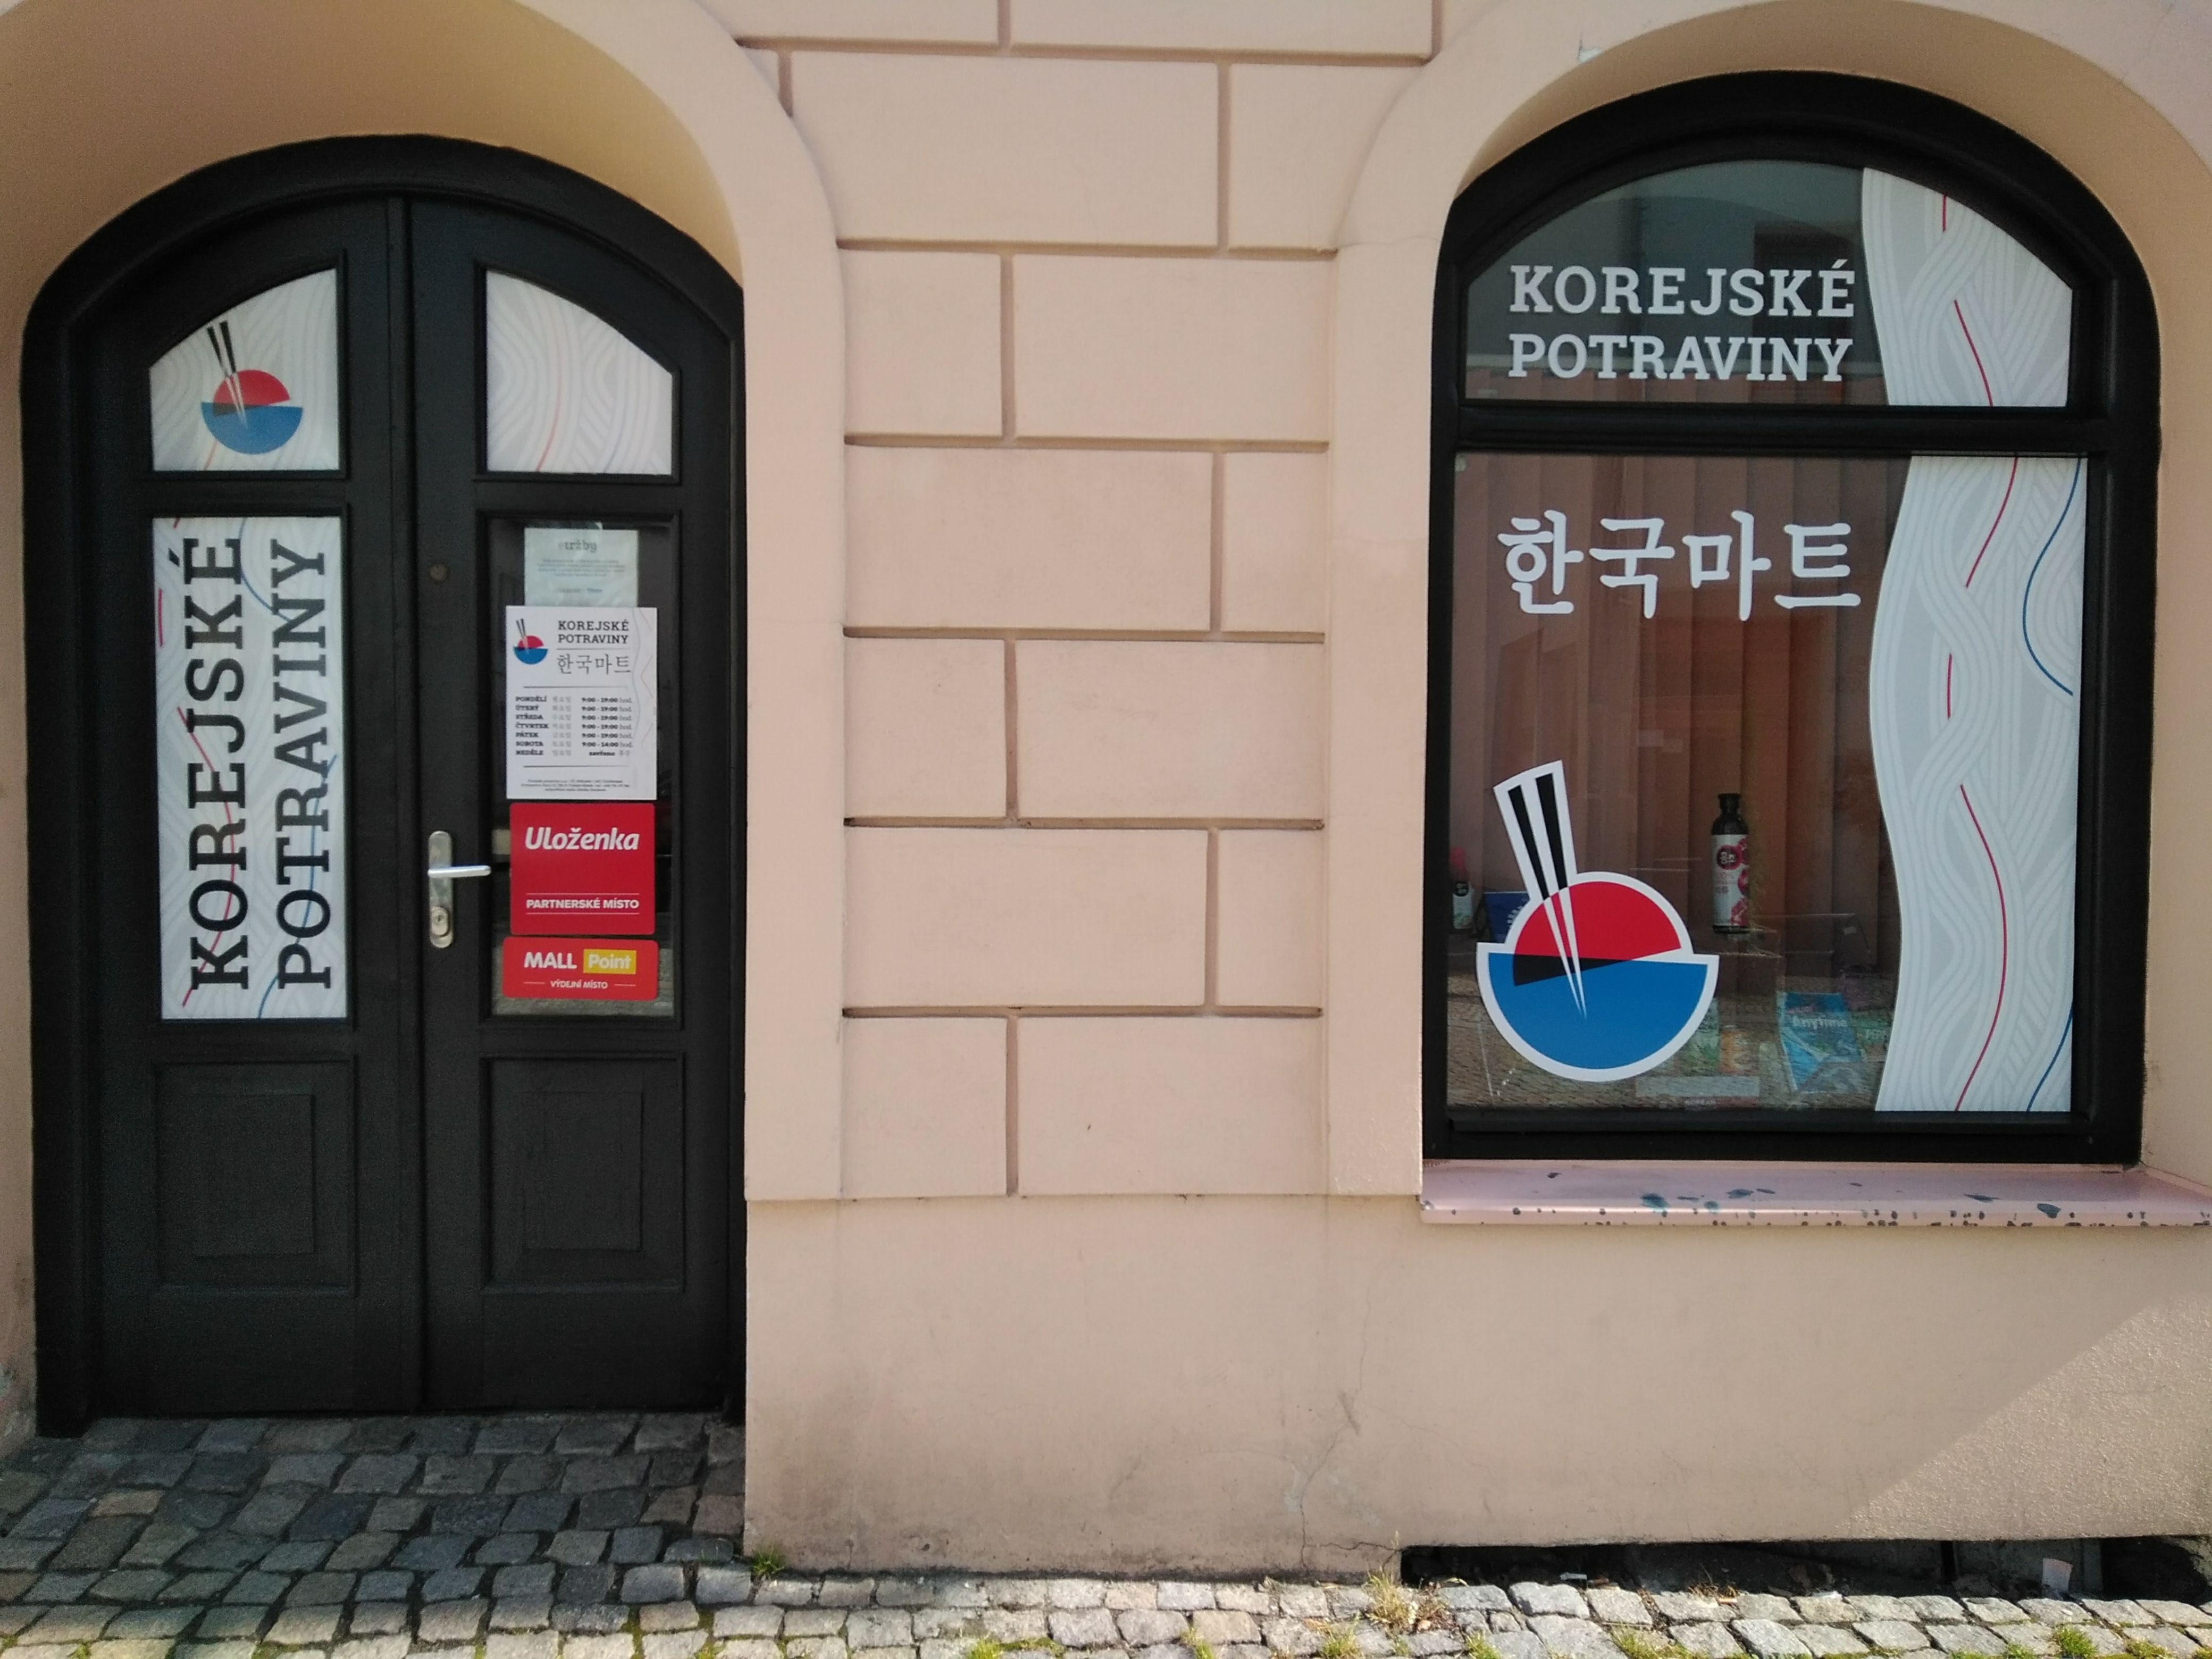 Pobočka Frýdek-Místek, Farní 15 (Korejské potraviny)